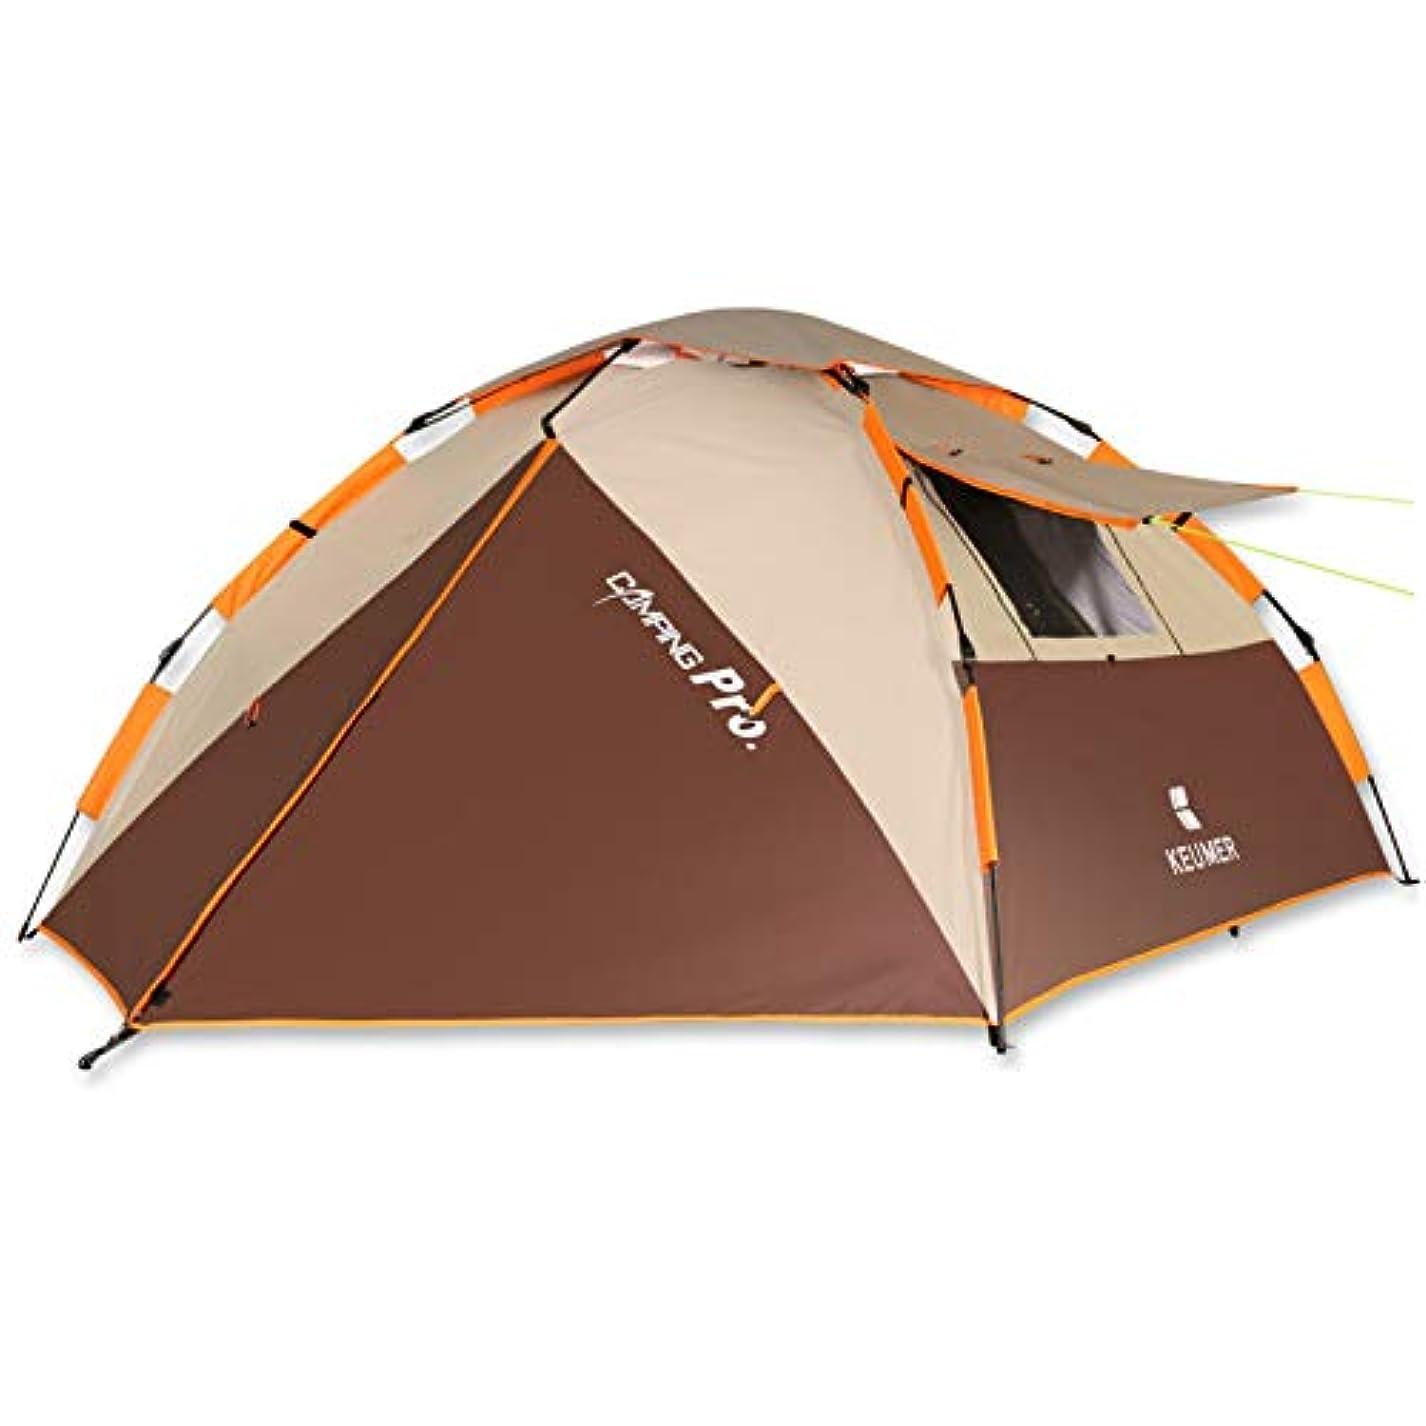 熟した不定北スピードオープンサンテント、ビーチ日焼け止めテント、キャンプポータブルテント、キャンプ用3-4人、釣り用屋外テントを収容できます